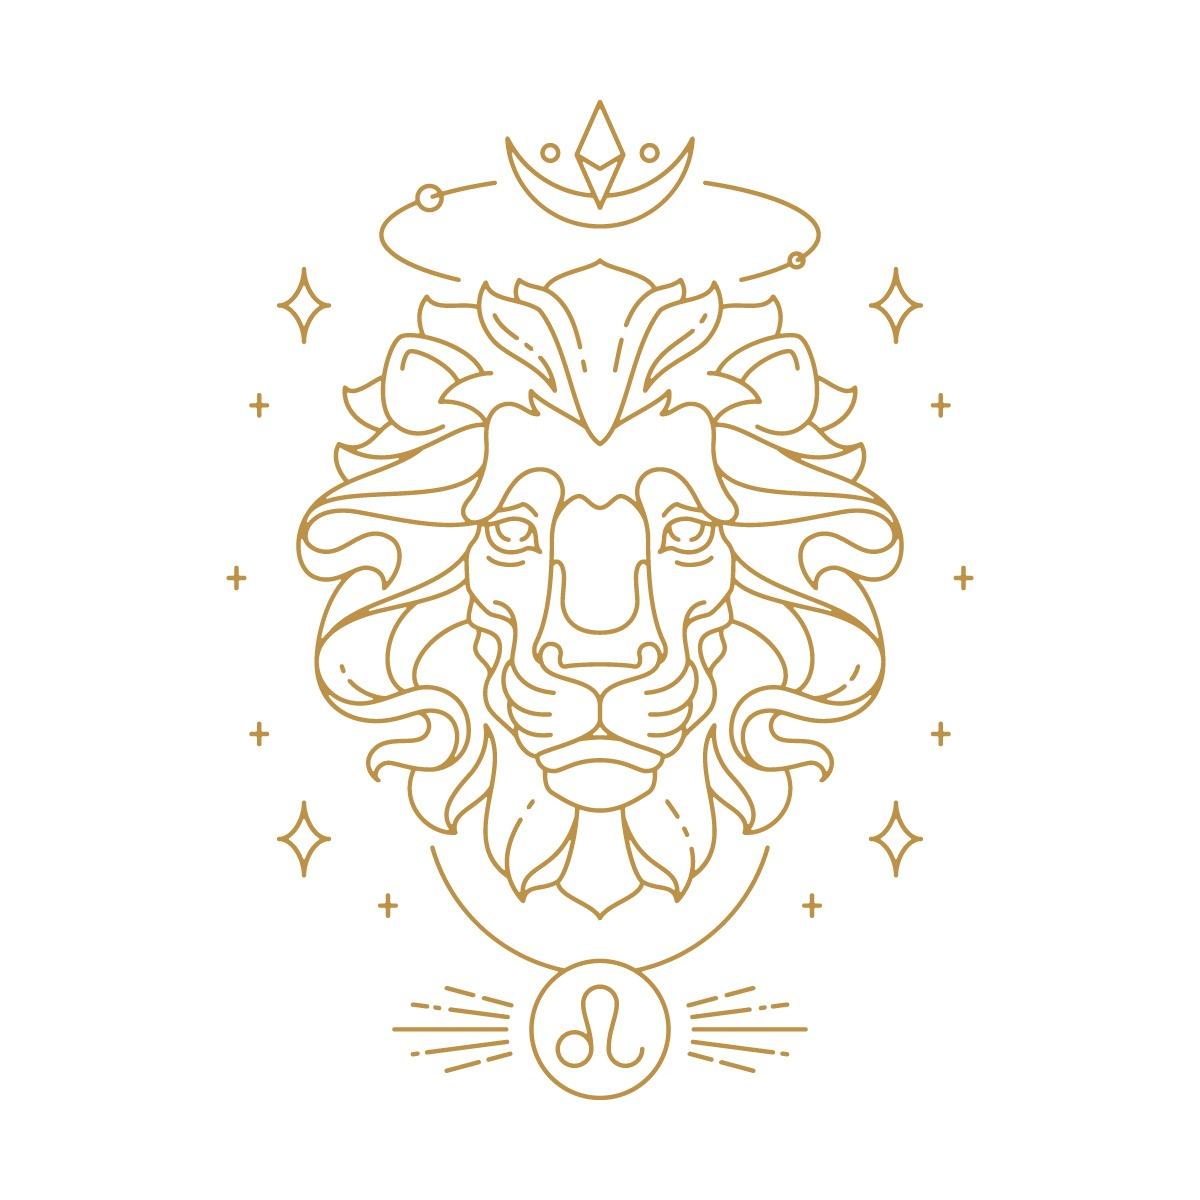 Hình ảnh đầu Sư Tử, biểu tượng cung hoàng đạo Sư Tử